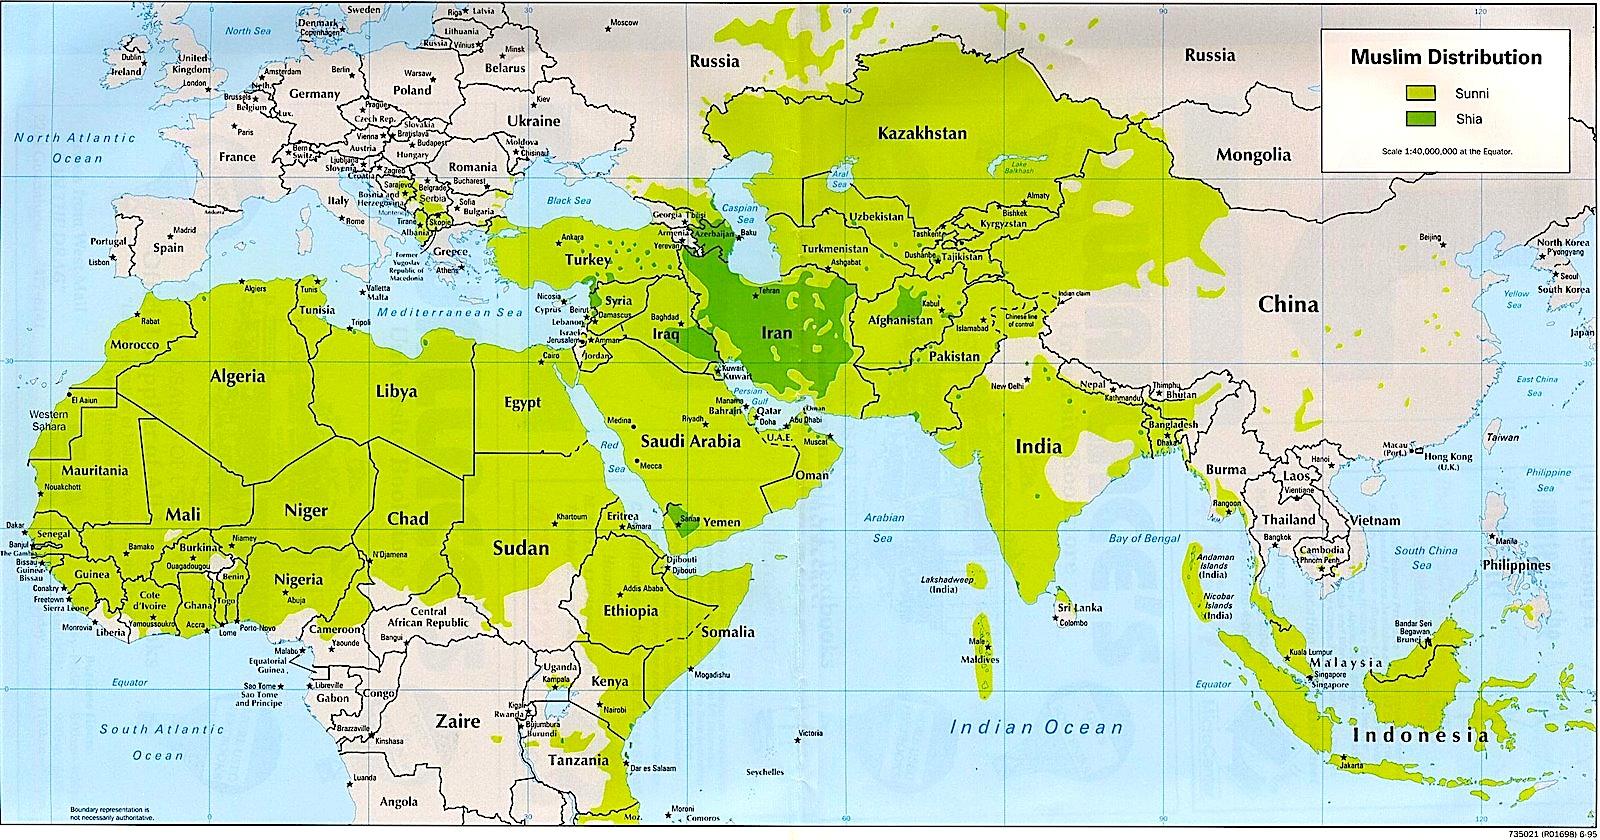 Cartina Delle Religioni Nel Mondo Da Colorare.Una Mappa Per Capire La Collocazione Geografica Di Sciiti E Sunniti Religione 2 0 L Ora Di Religione Nell Era Digitale